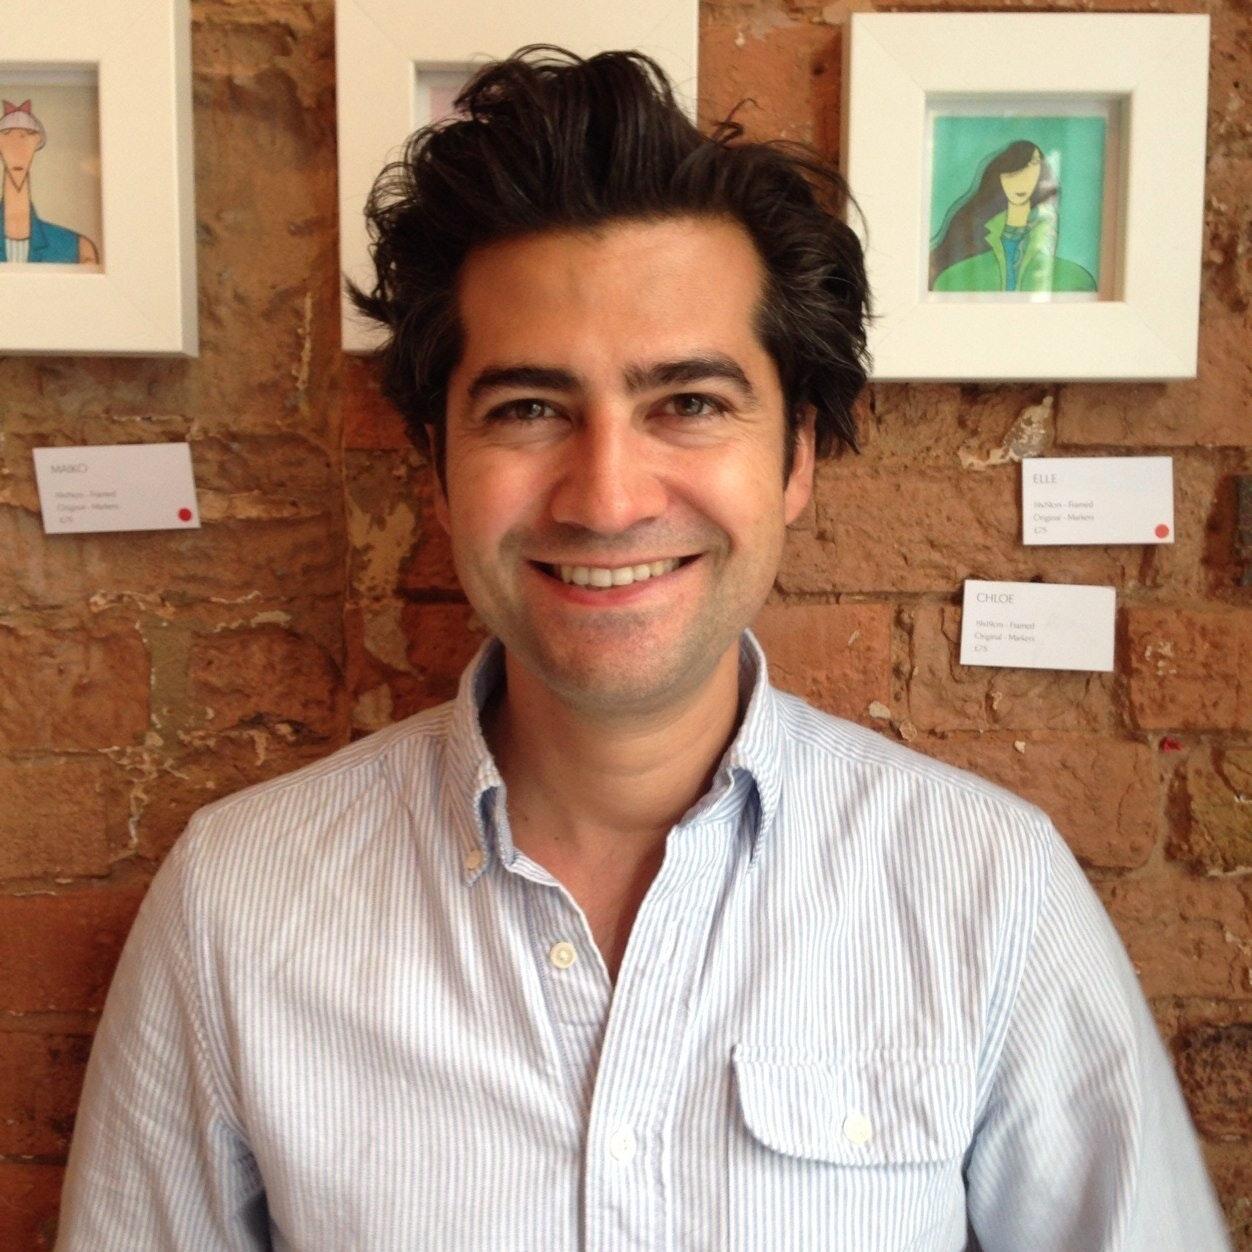 Florian Mascaro